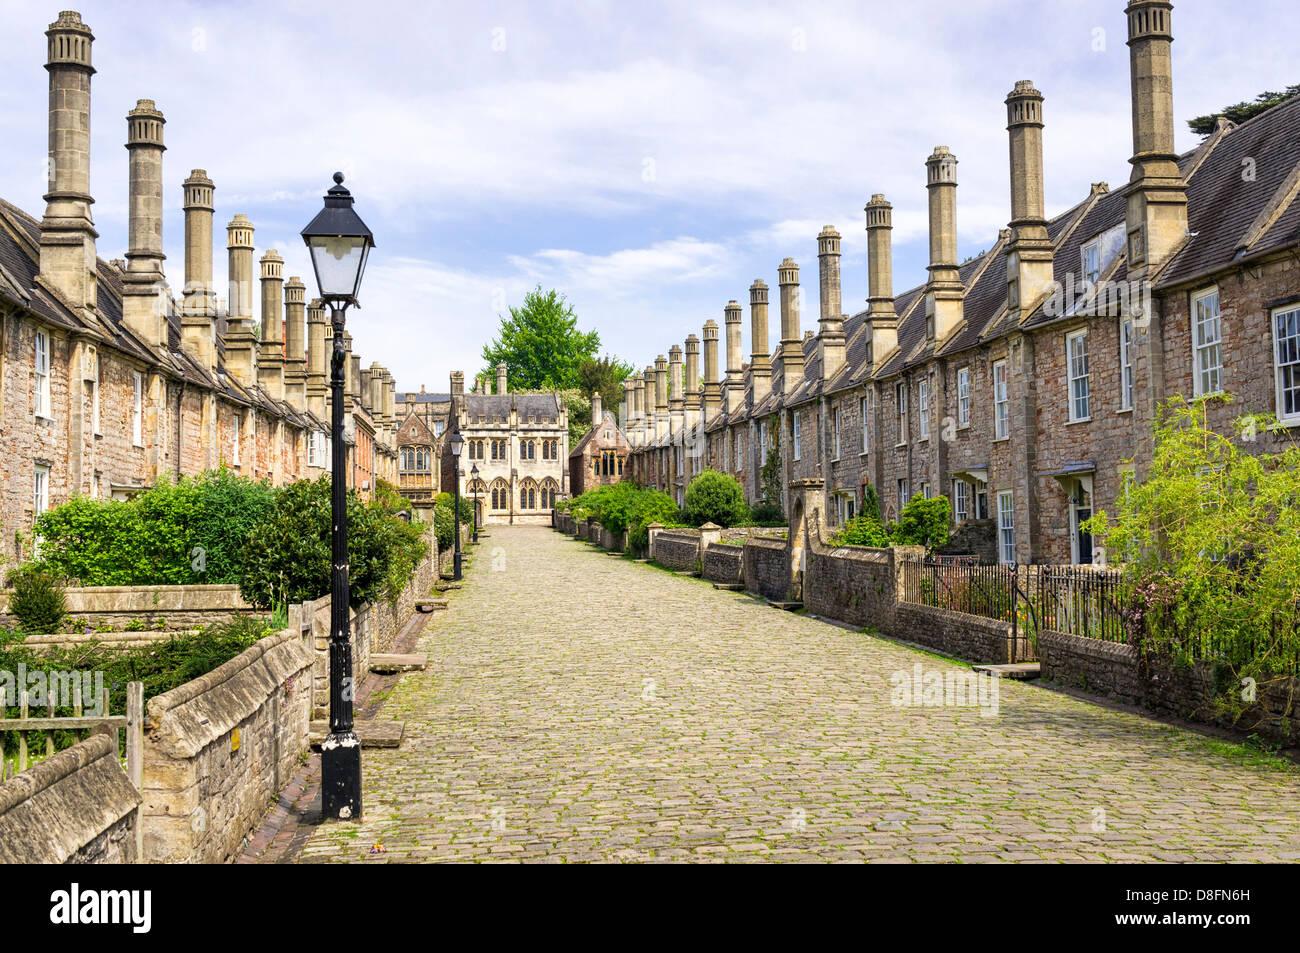 Calle Medieval - Vicarios cerca, Wells, Somerset, Inglaterra, Reino Unido - con calle adoquinada y la hilera de casas antiguas Foto de stock